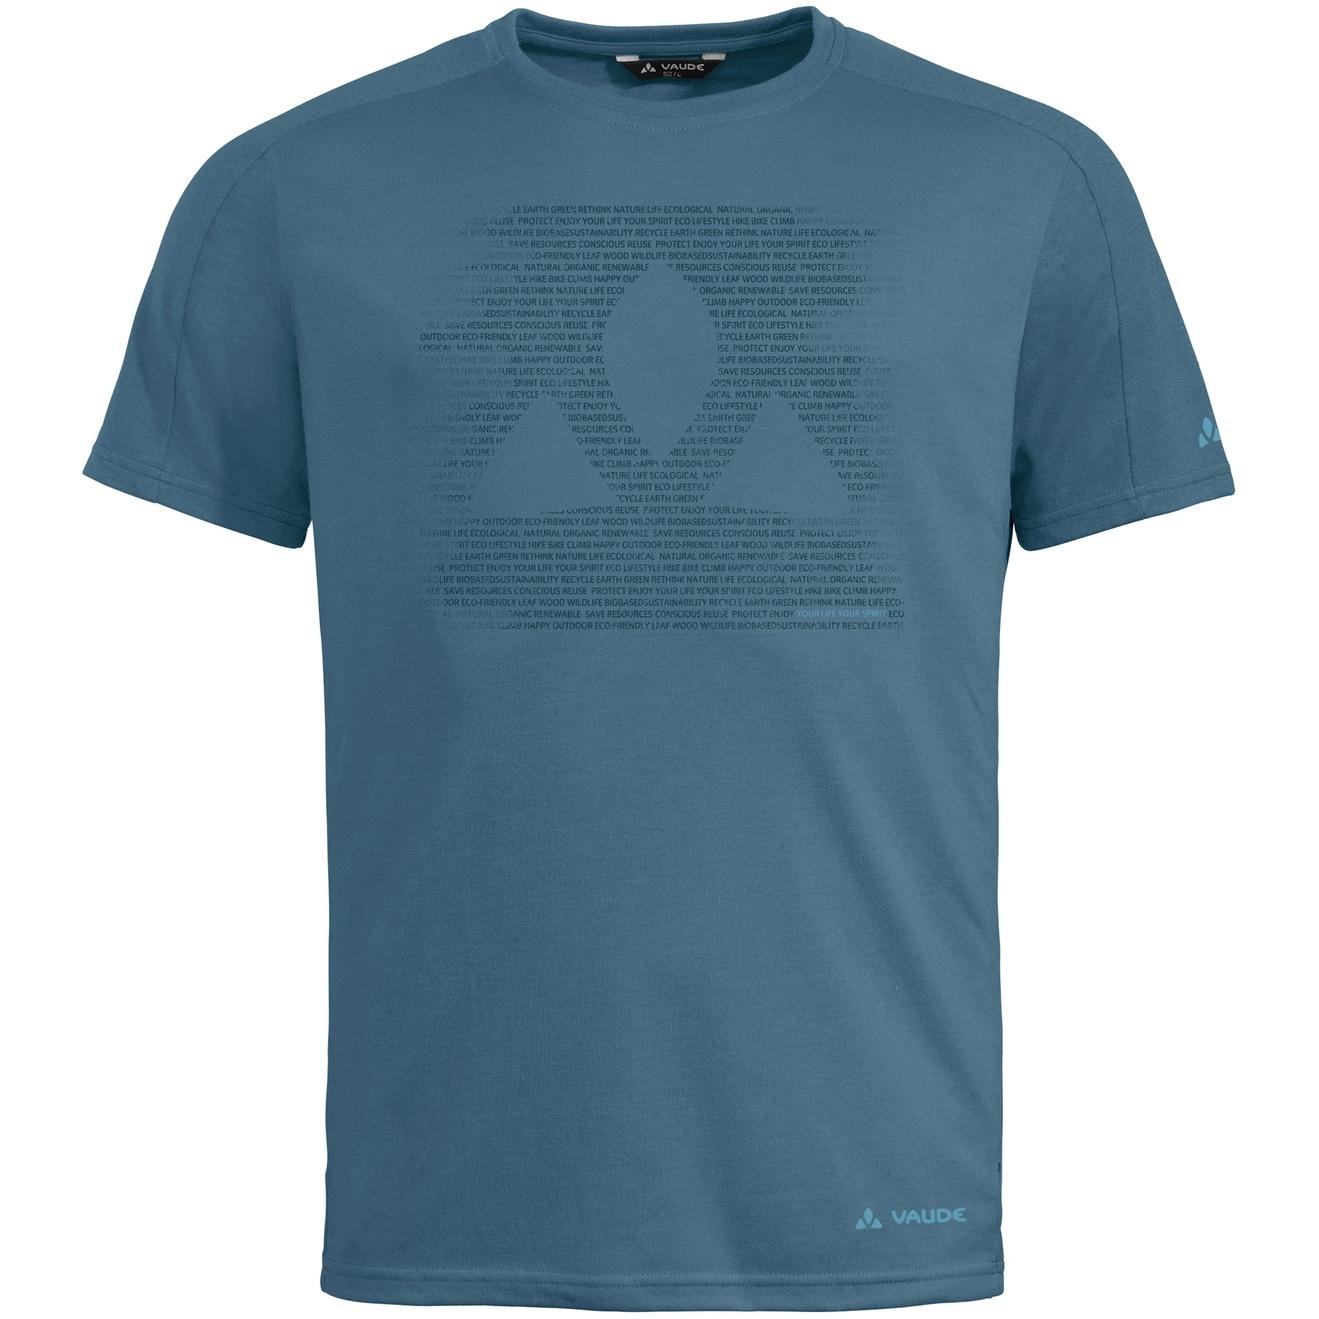 Vaude Gleann T-Shirt - blue gray uni